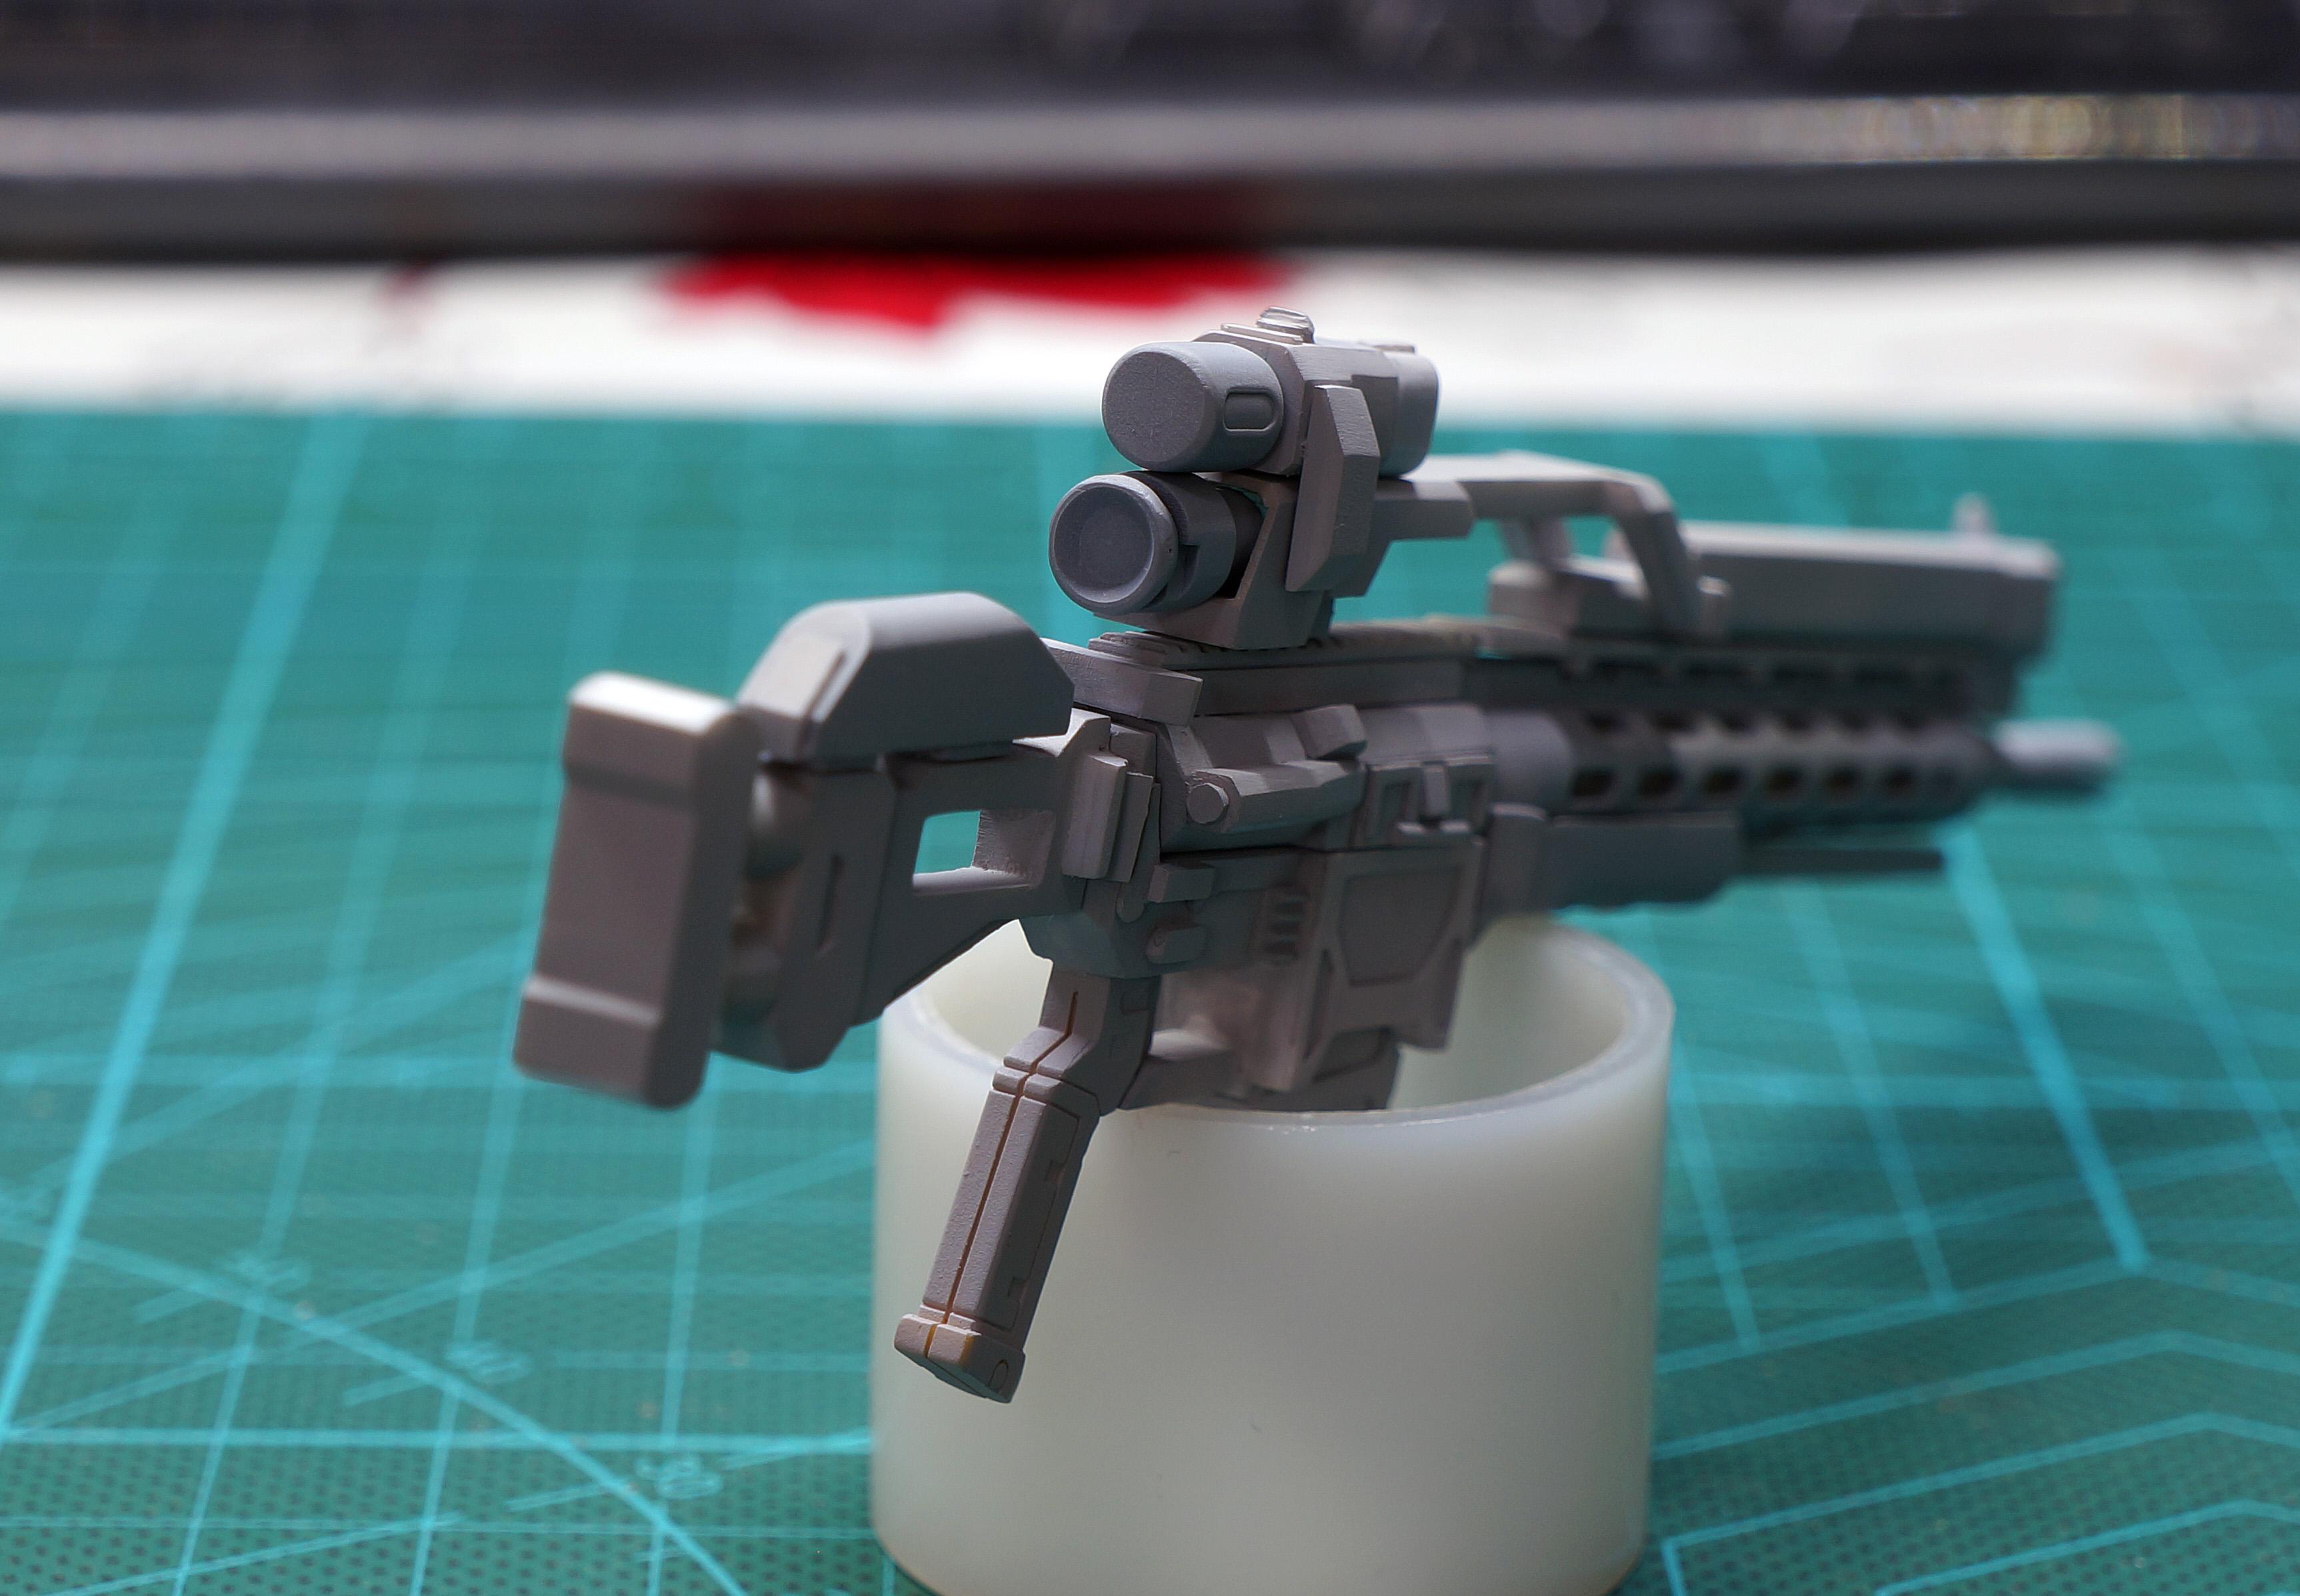 G261_sniper_inask_024.jpg